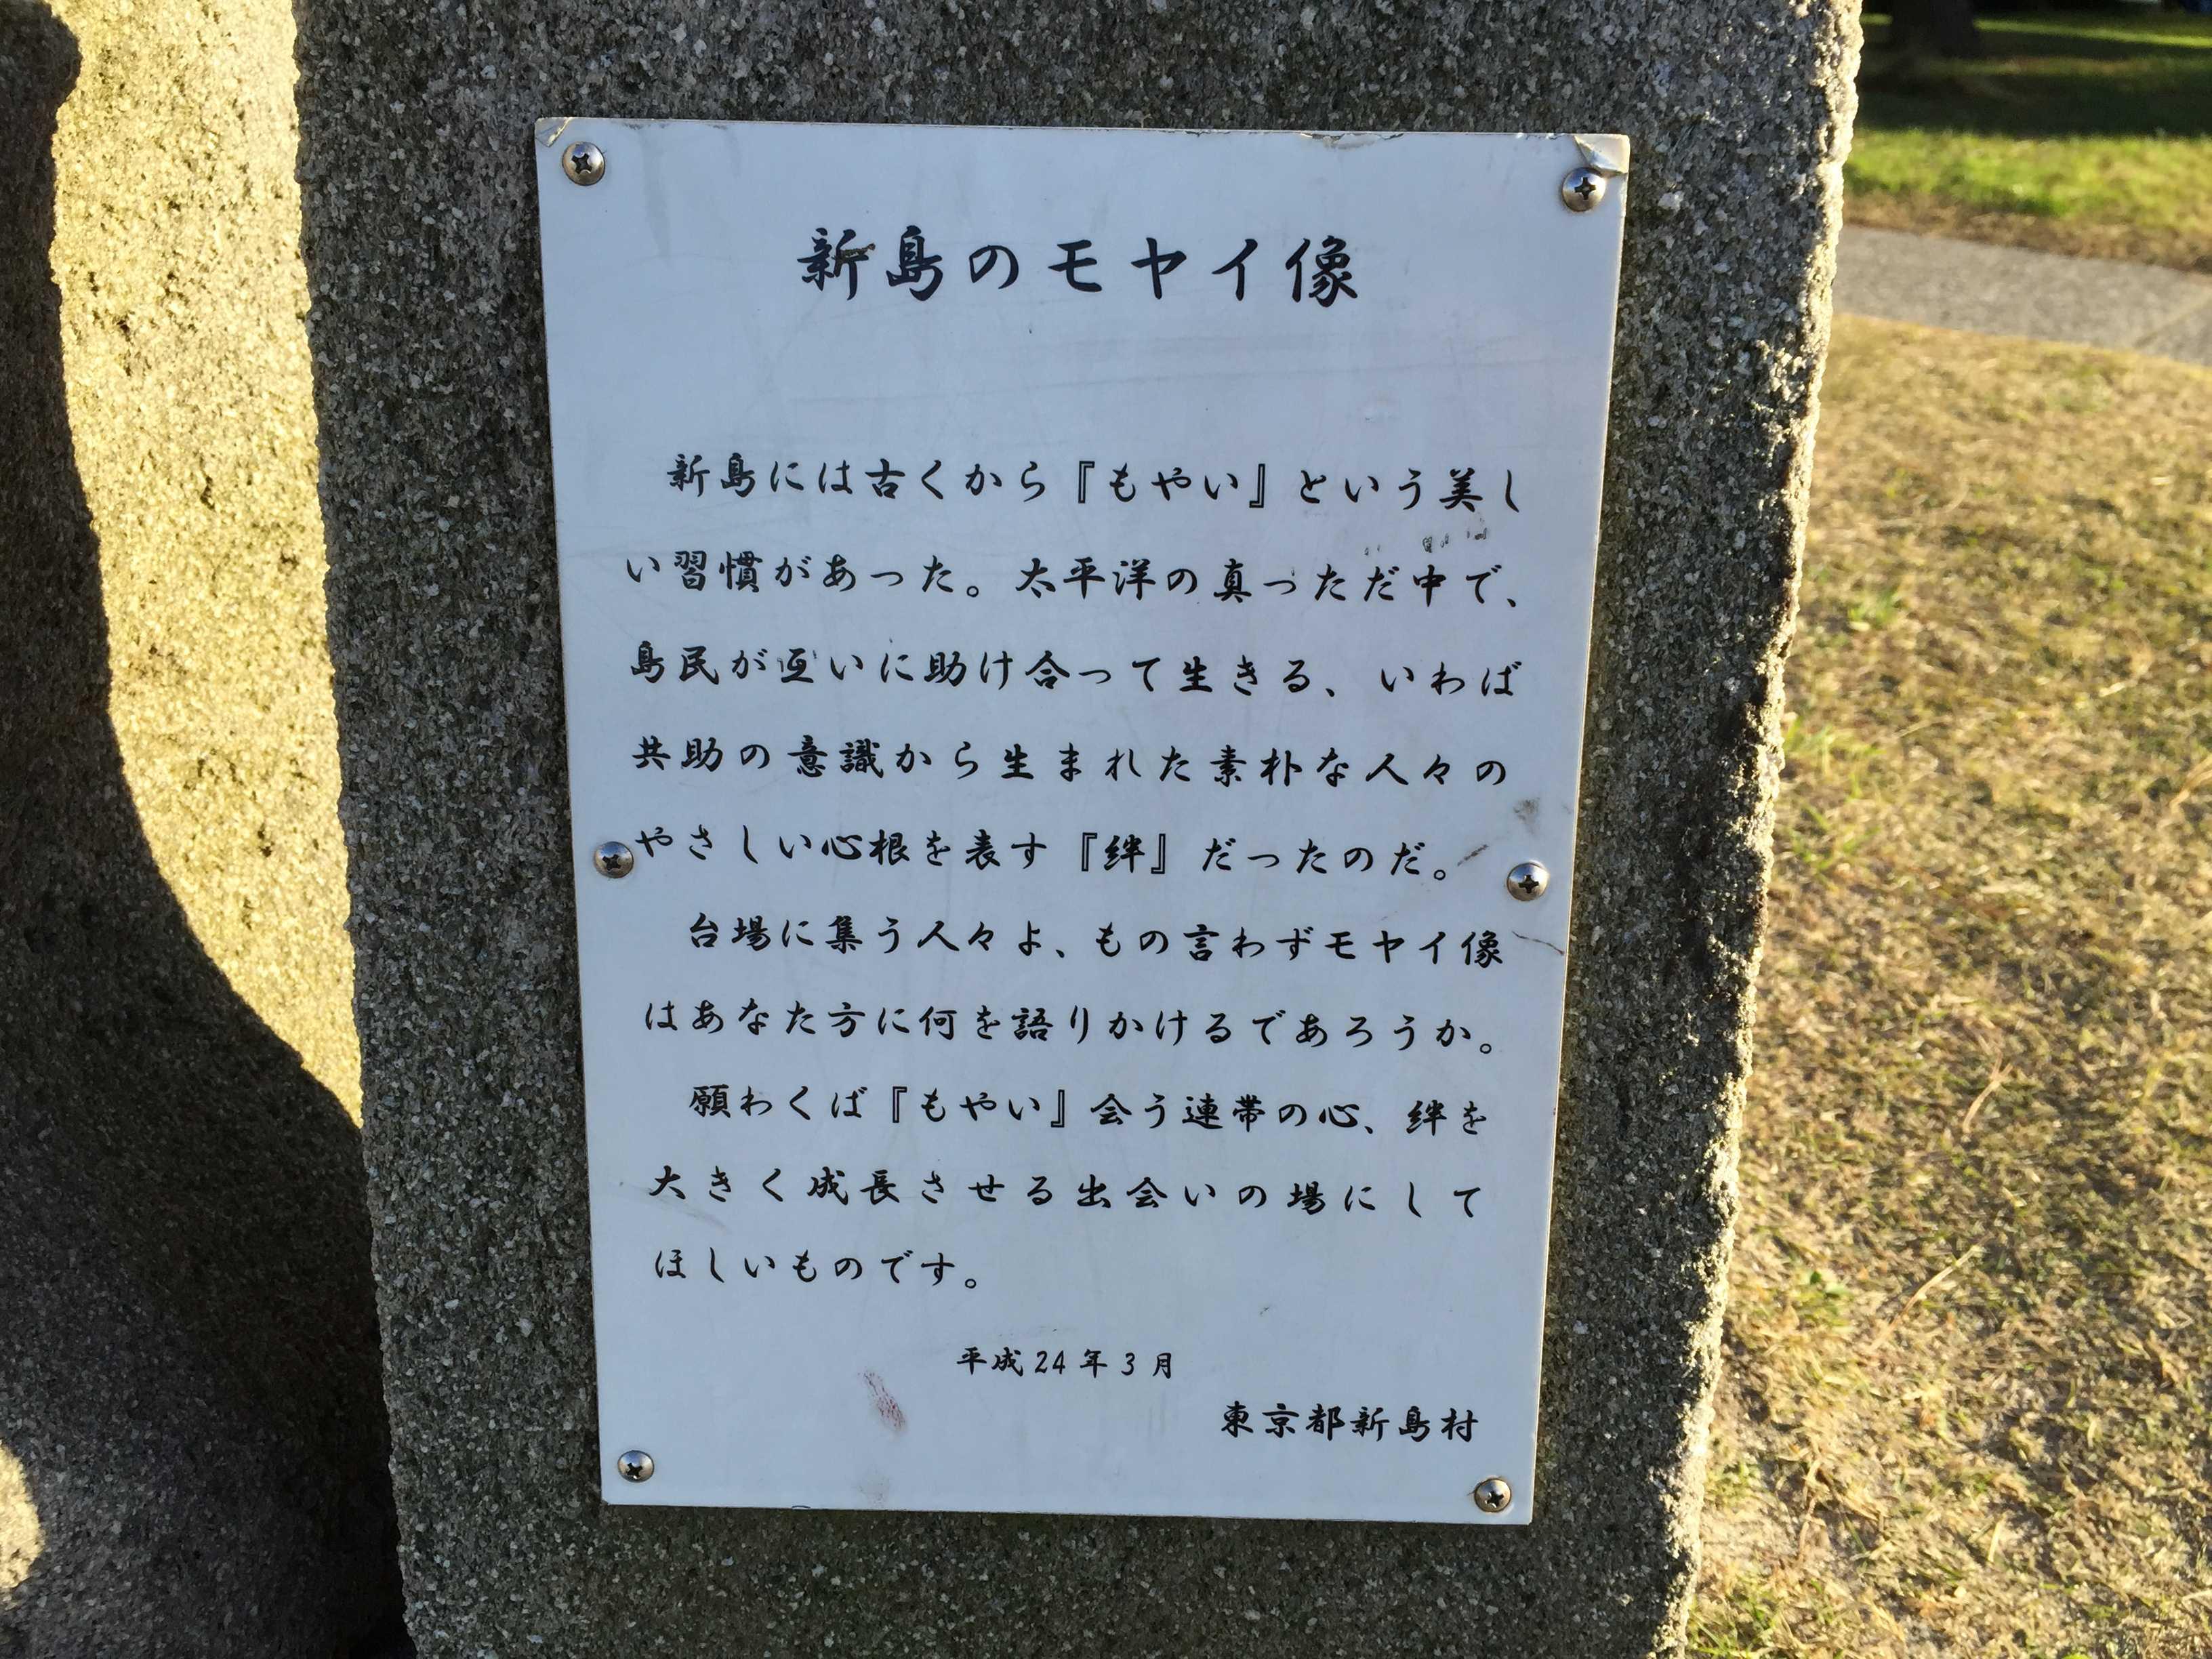 新島のモヤイ像 - 東京都新島村